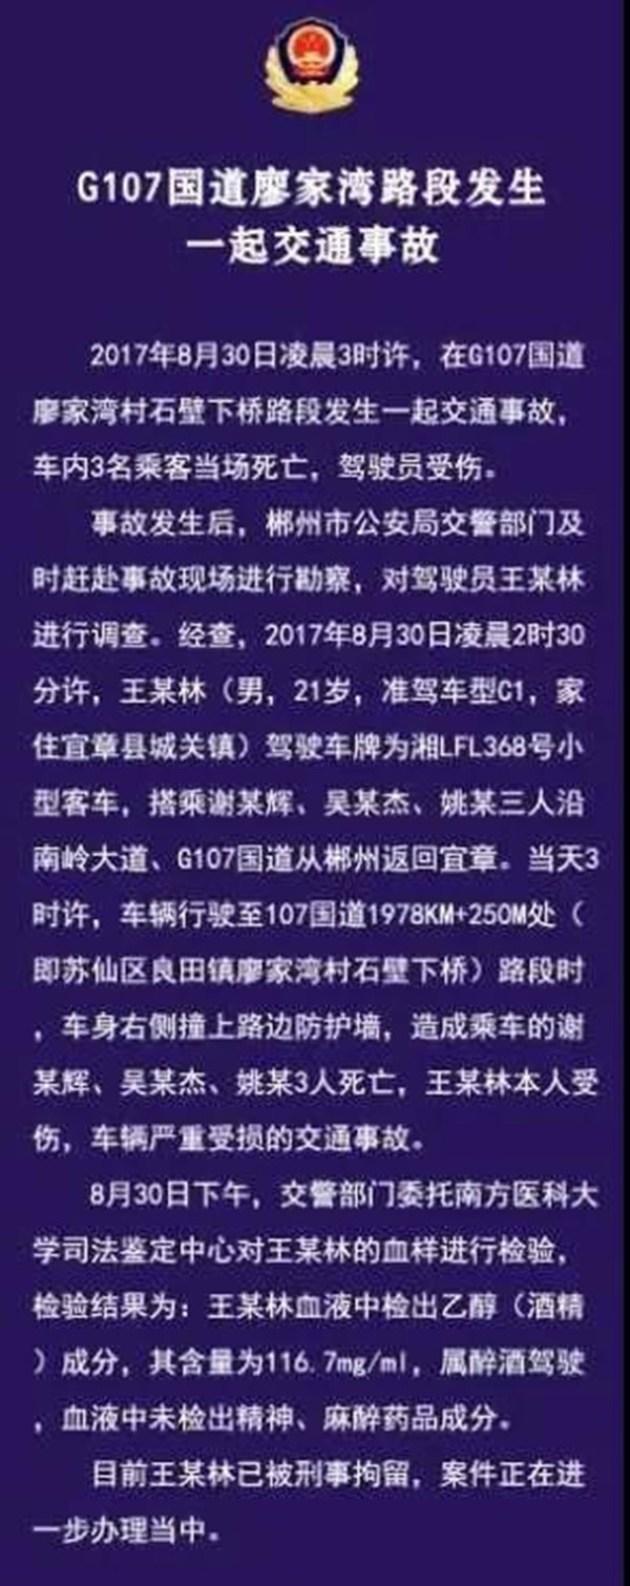 郴州市公安局公布事故调查结果